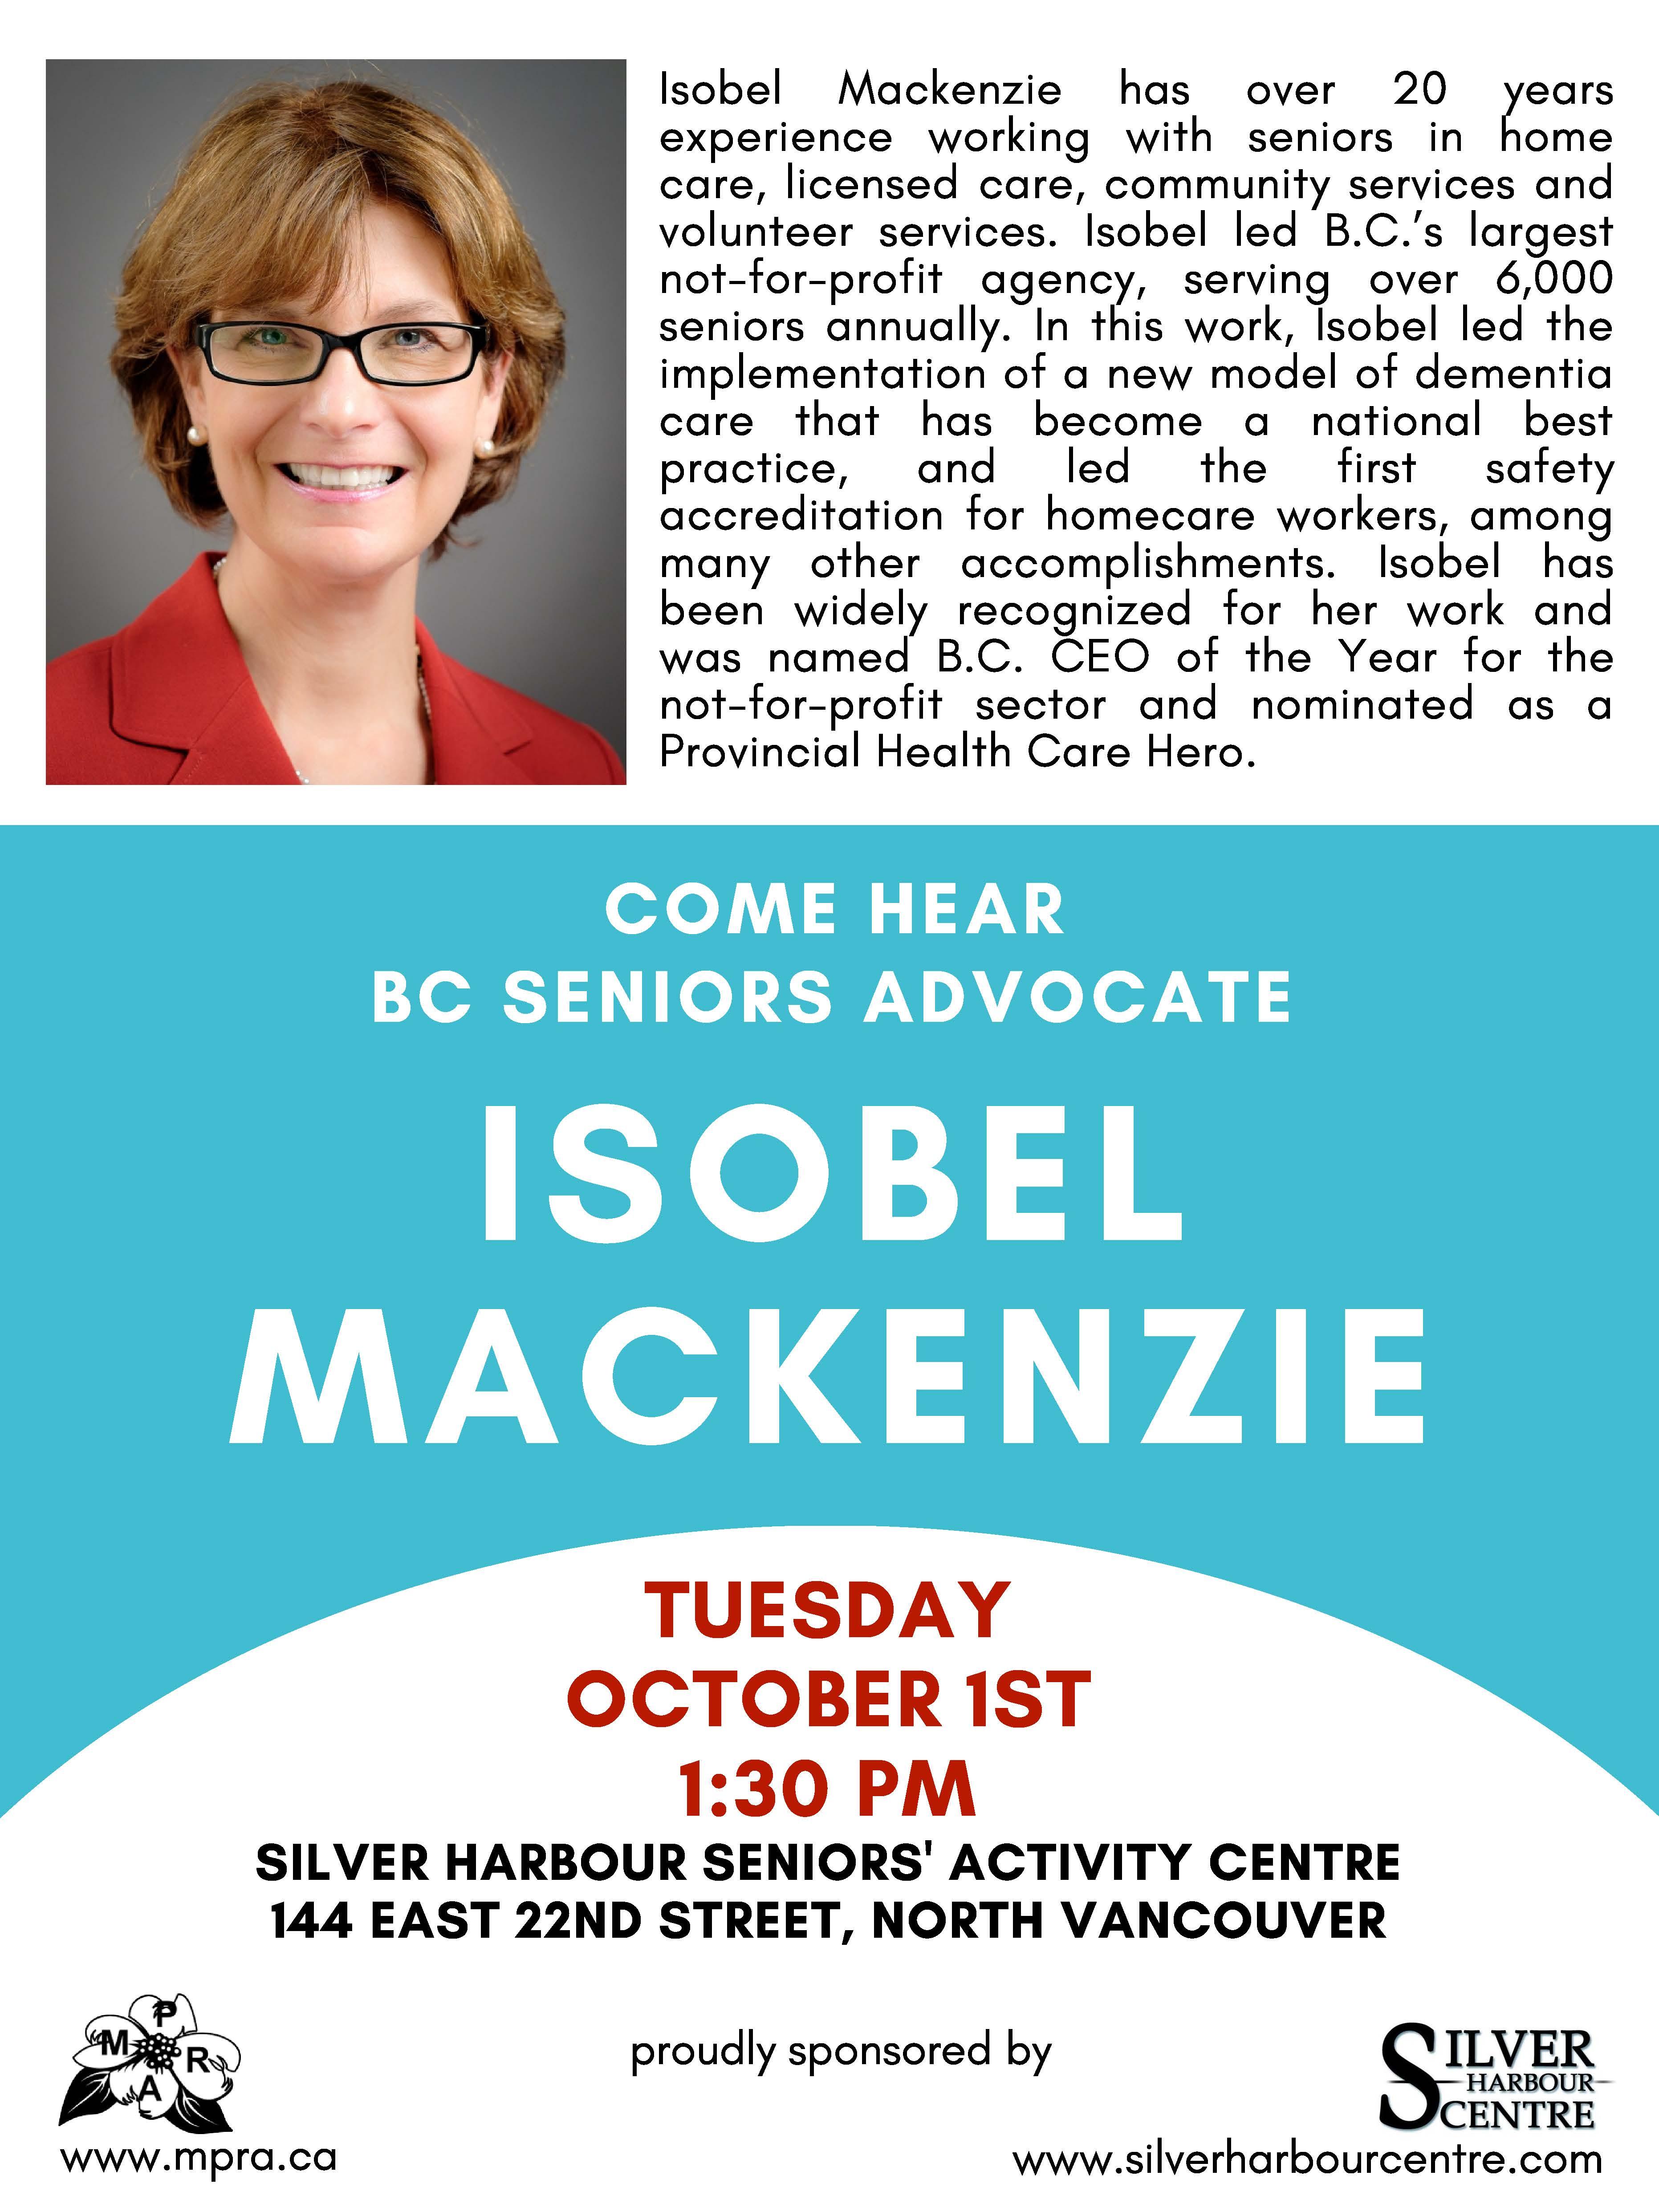 isobel mackenzie poster